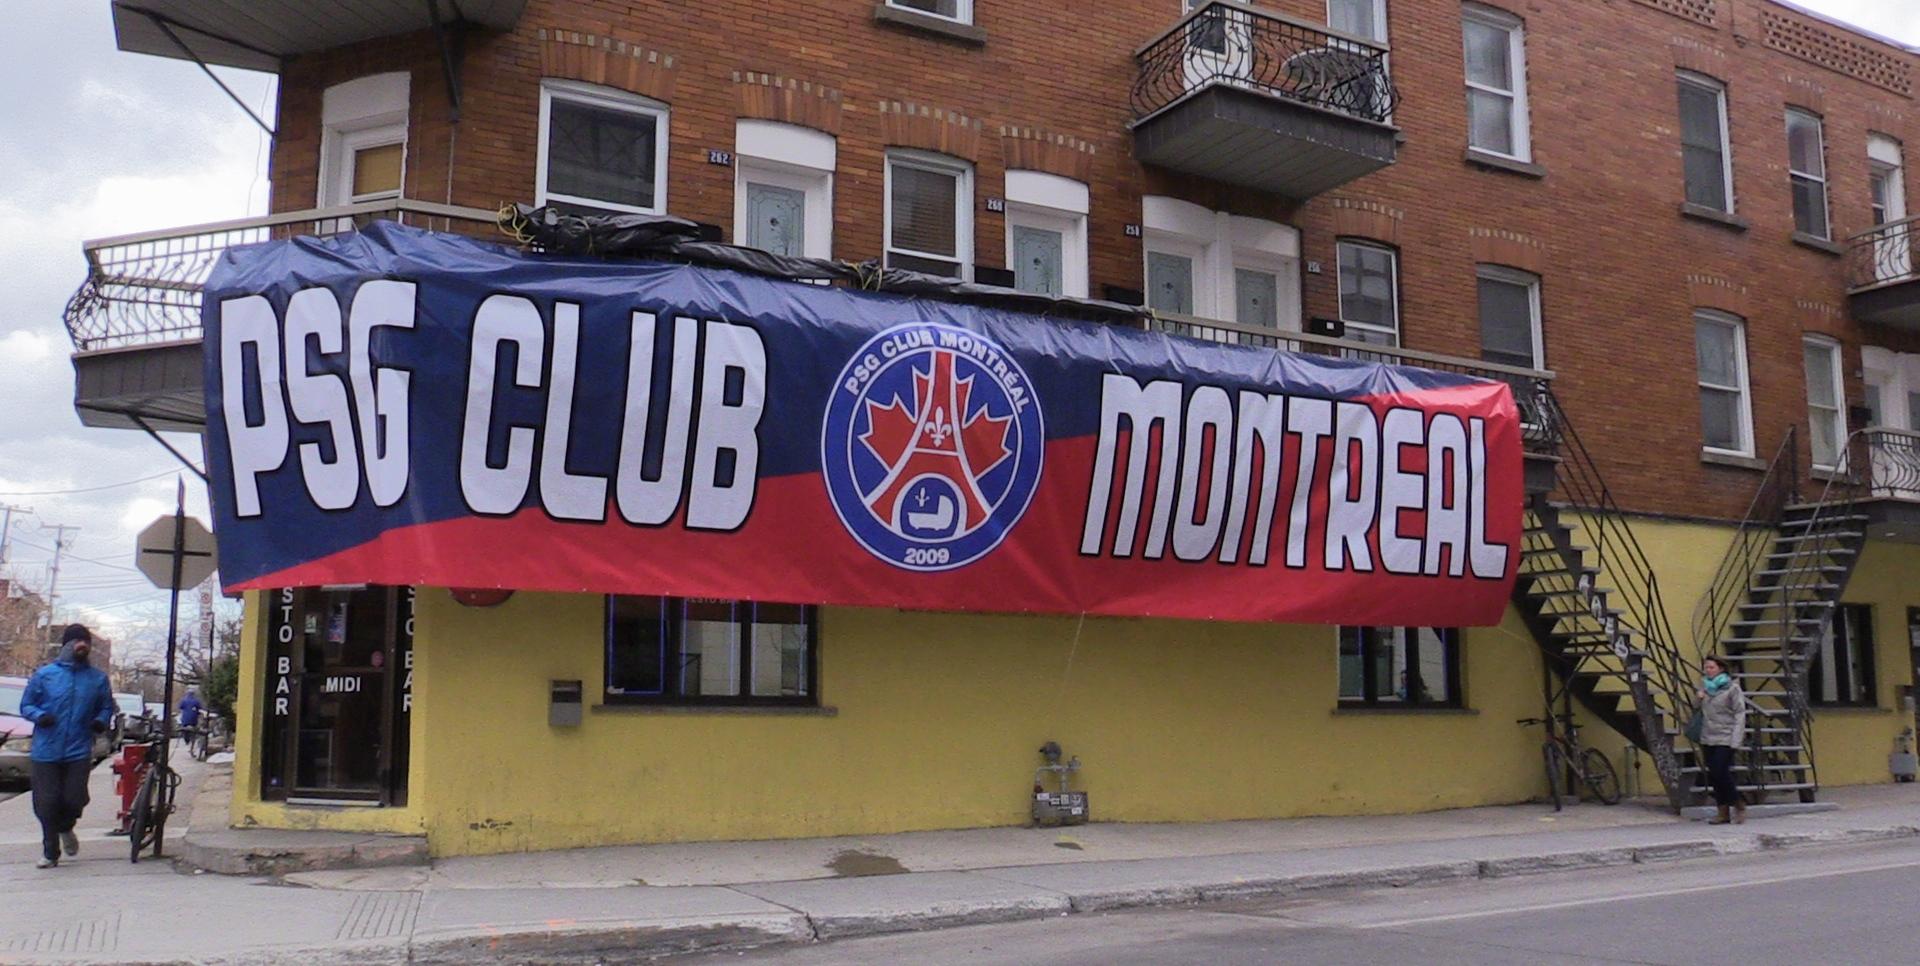 PSG Club Montréal : l'intégration à la française